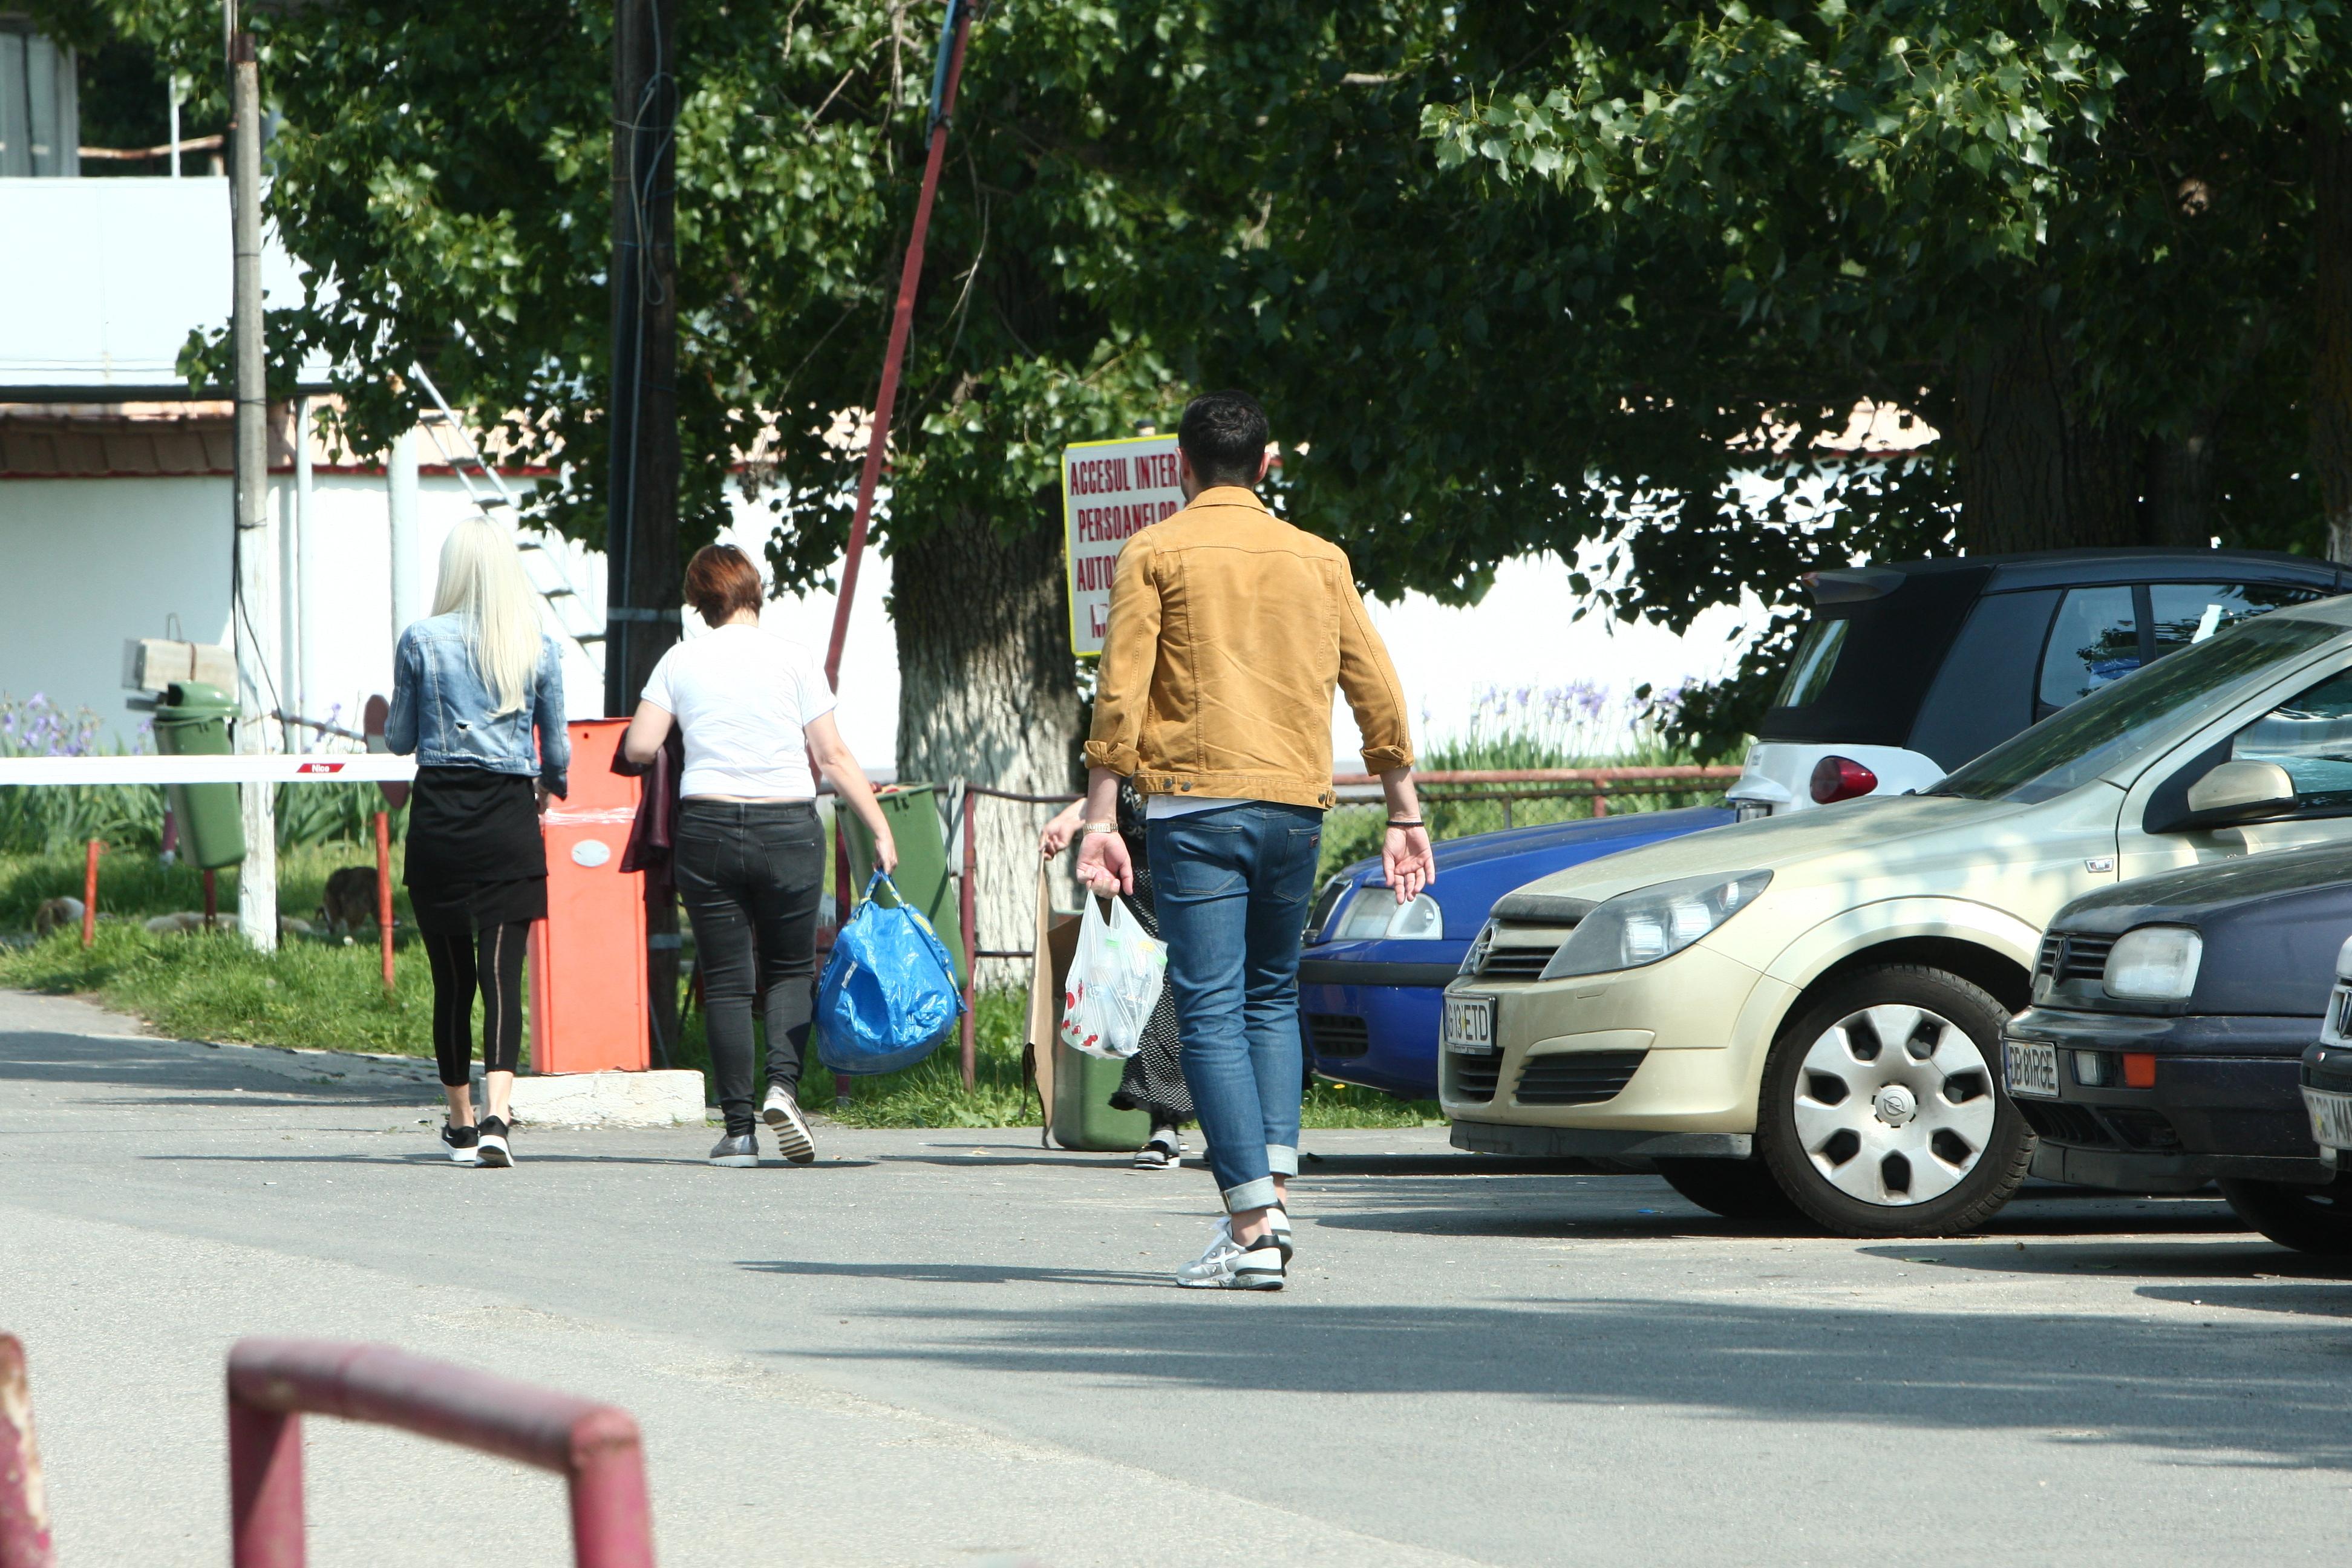 Alin Cocoş a păstrat distanţa faţă de Raluca Miu şi de doamna care o însoţea pe aceasta